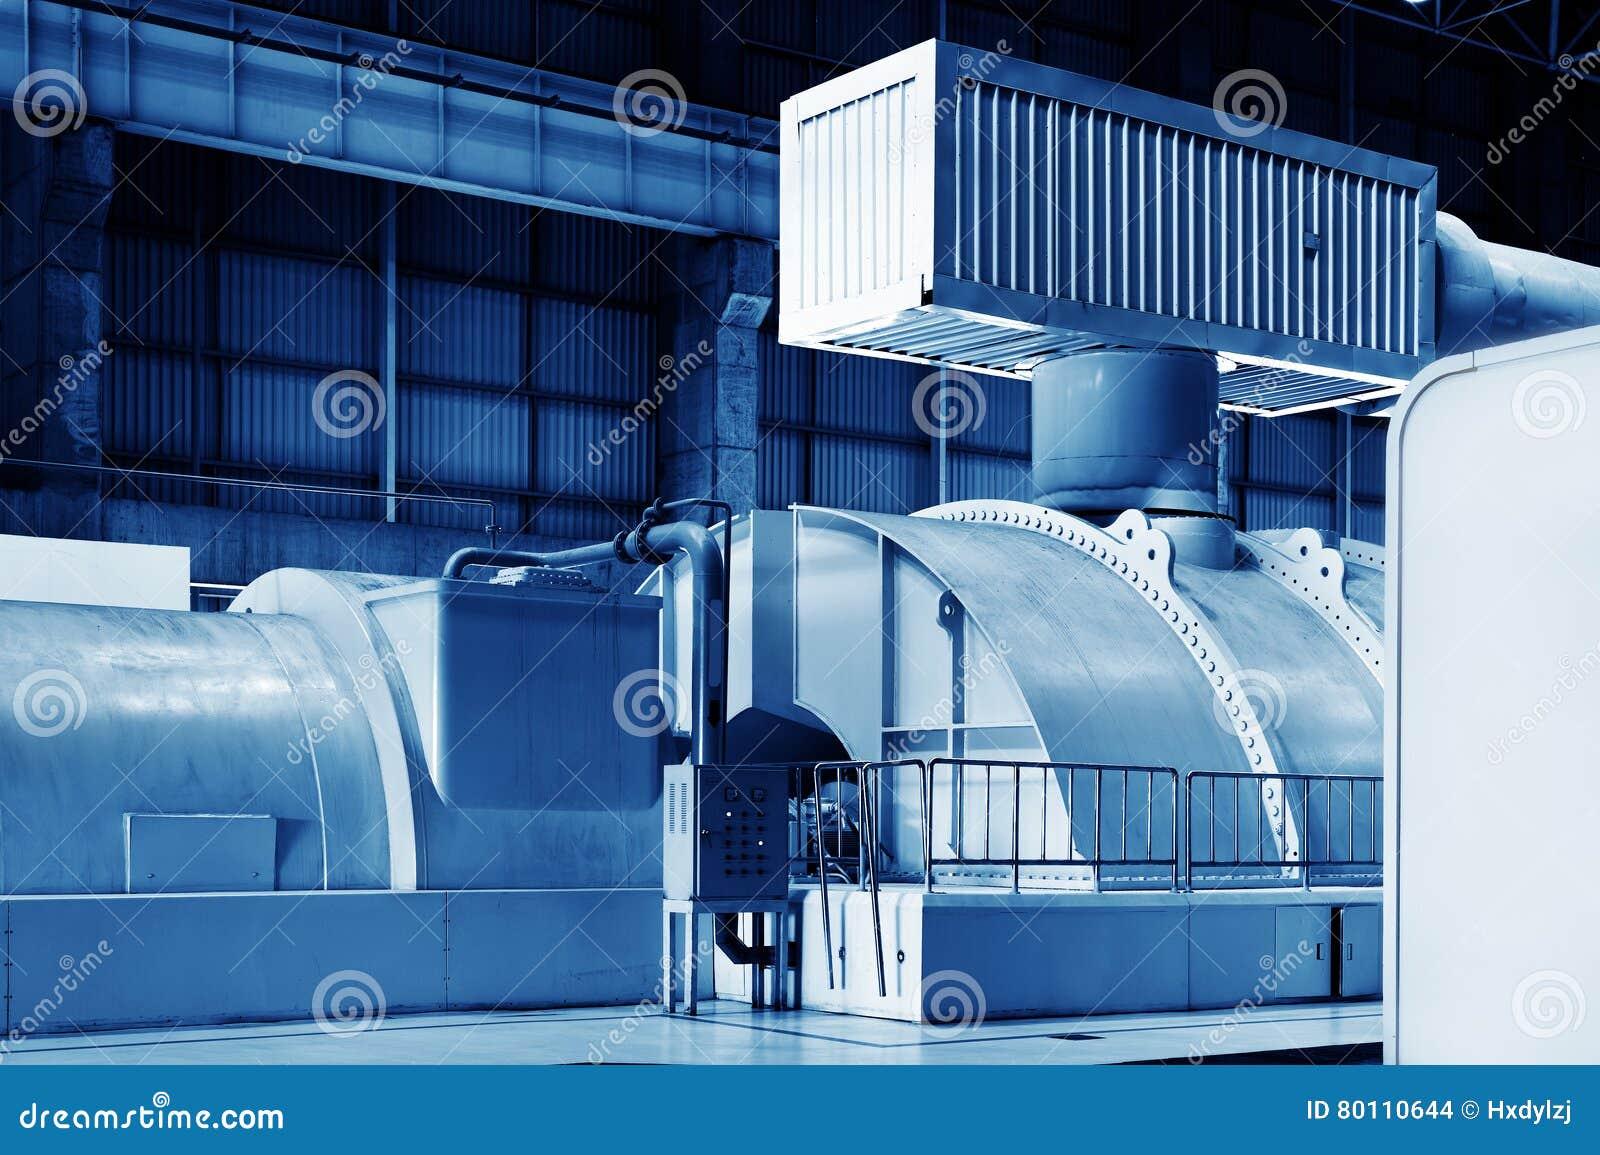 Modern Boiler Room Equipment For Heating System Stock